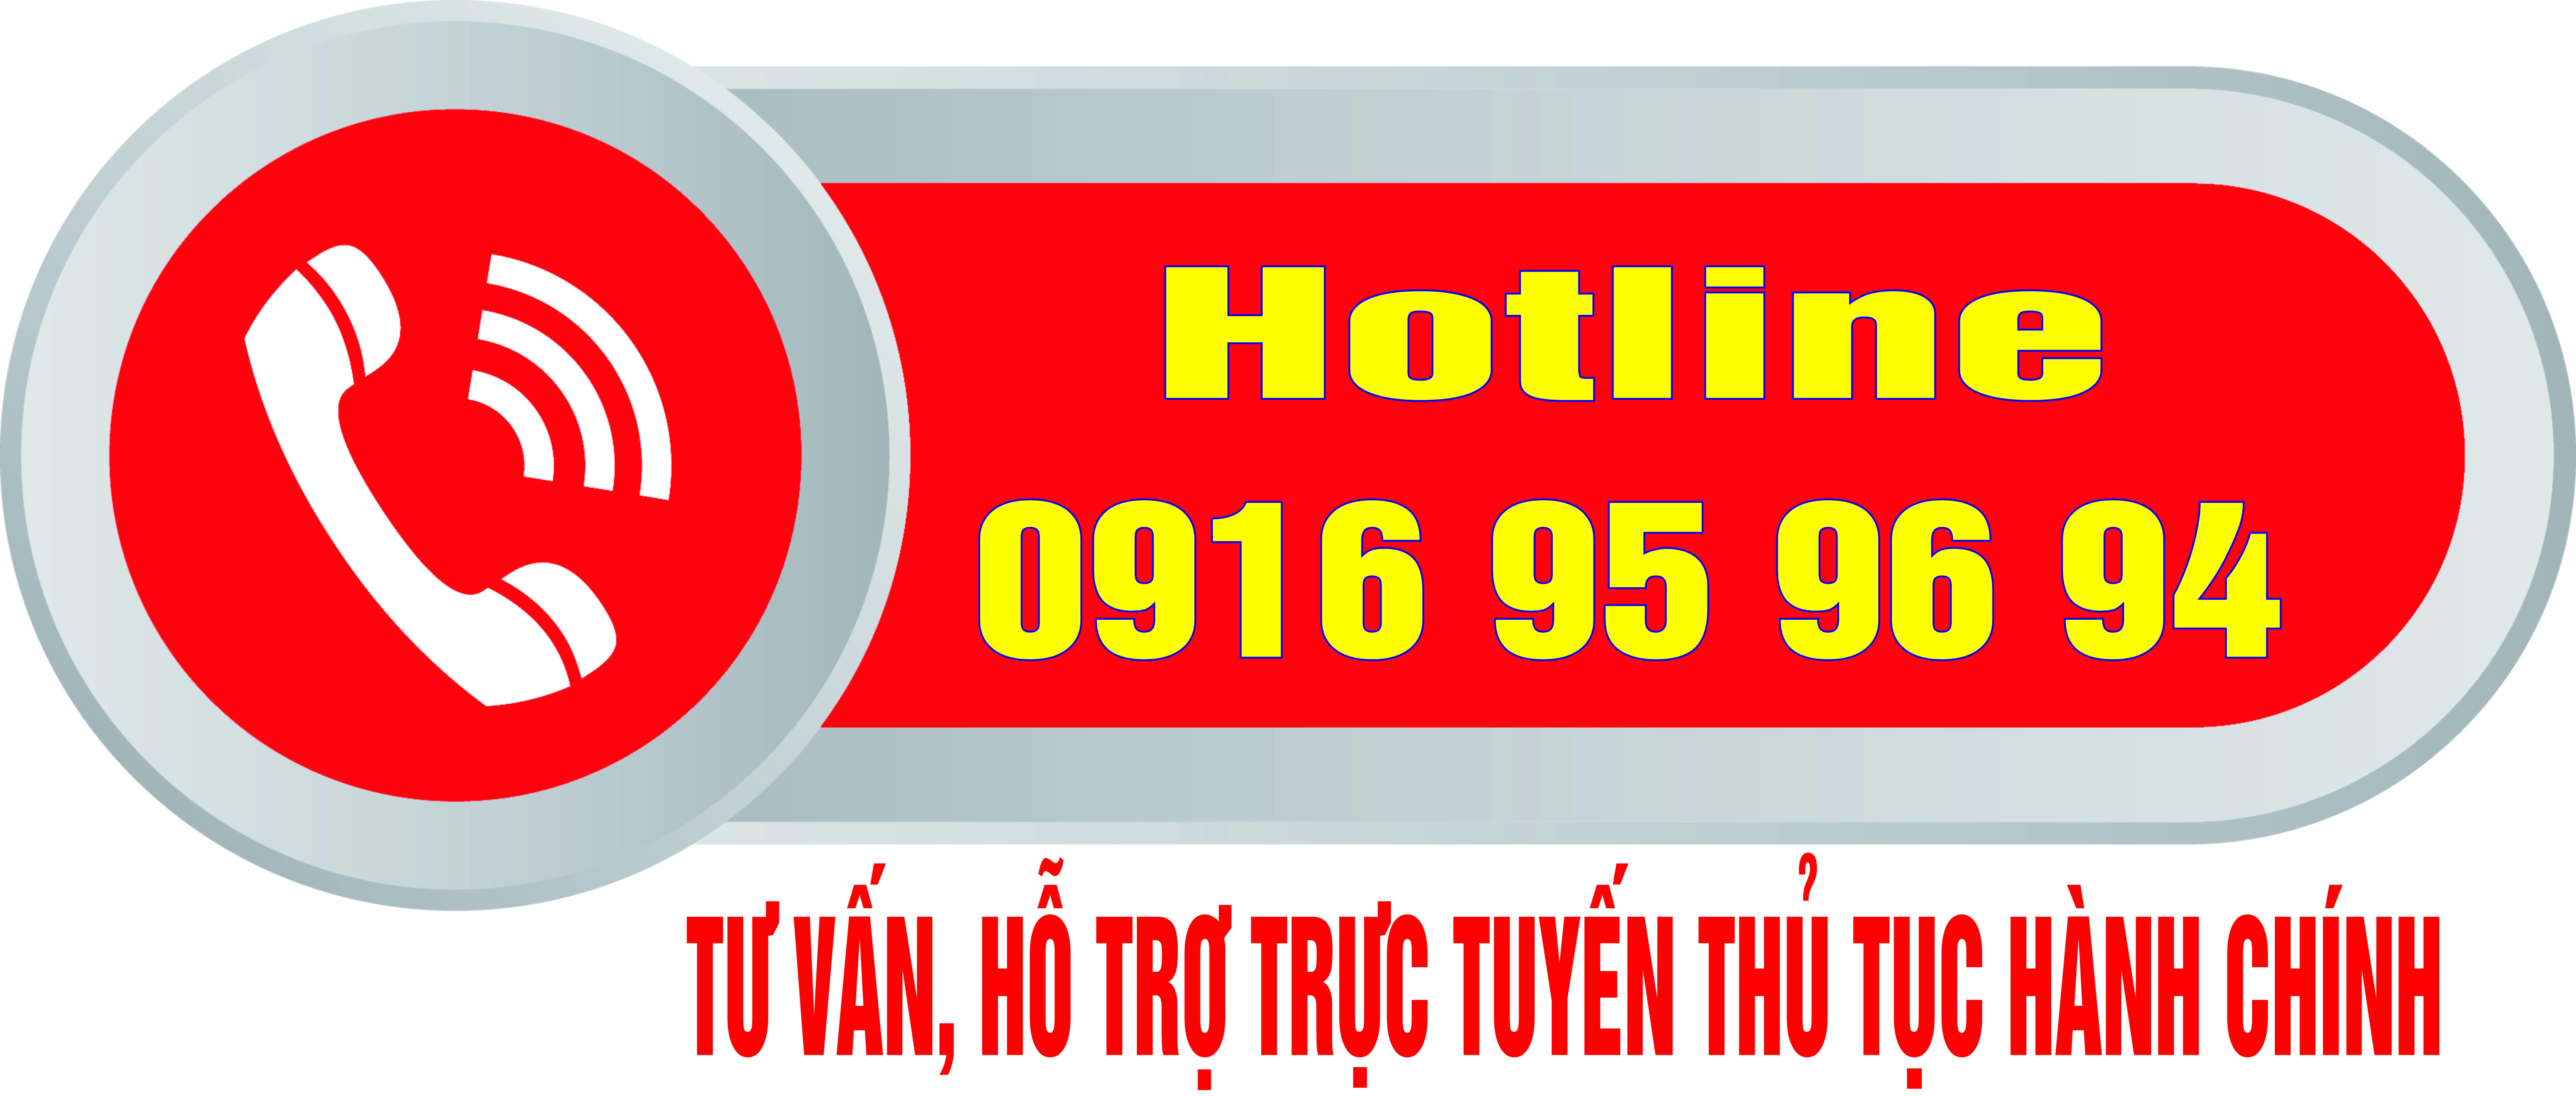 Số hotline